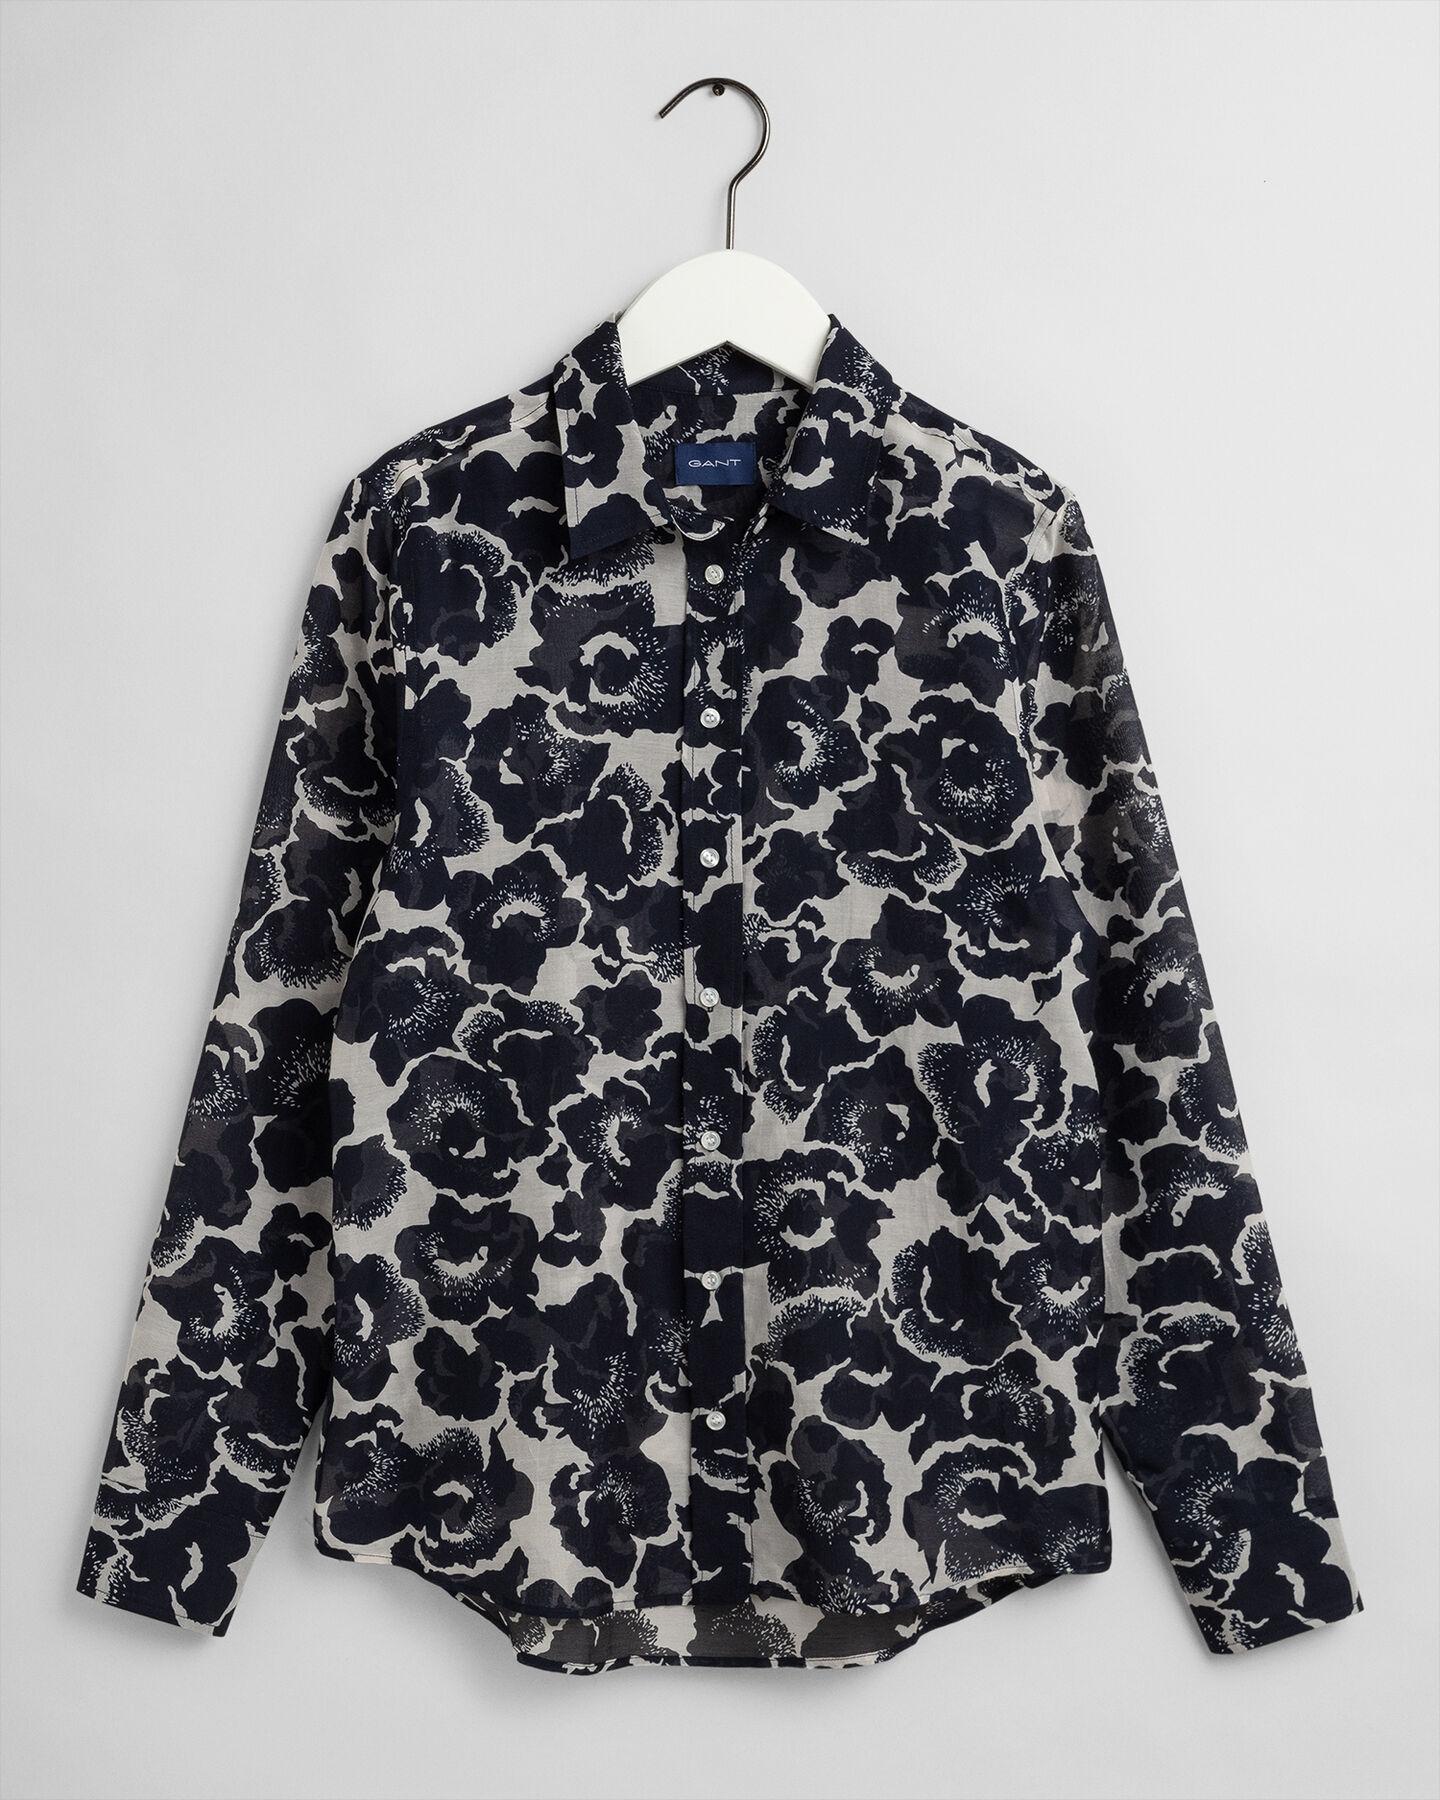 Snow Blossom Bluse aus Baumwoll-Seiden-Mischung